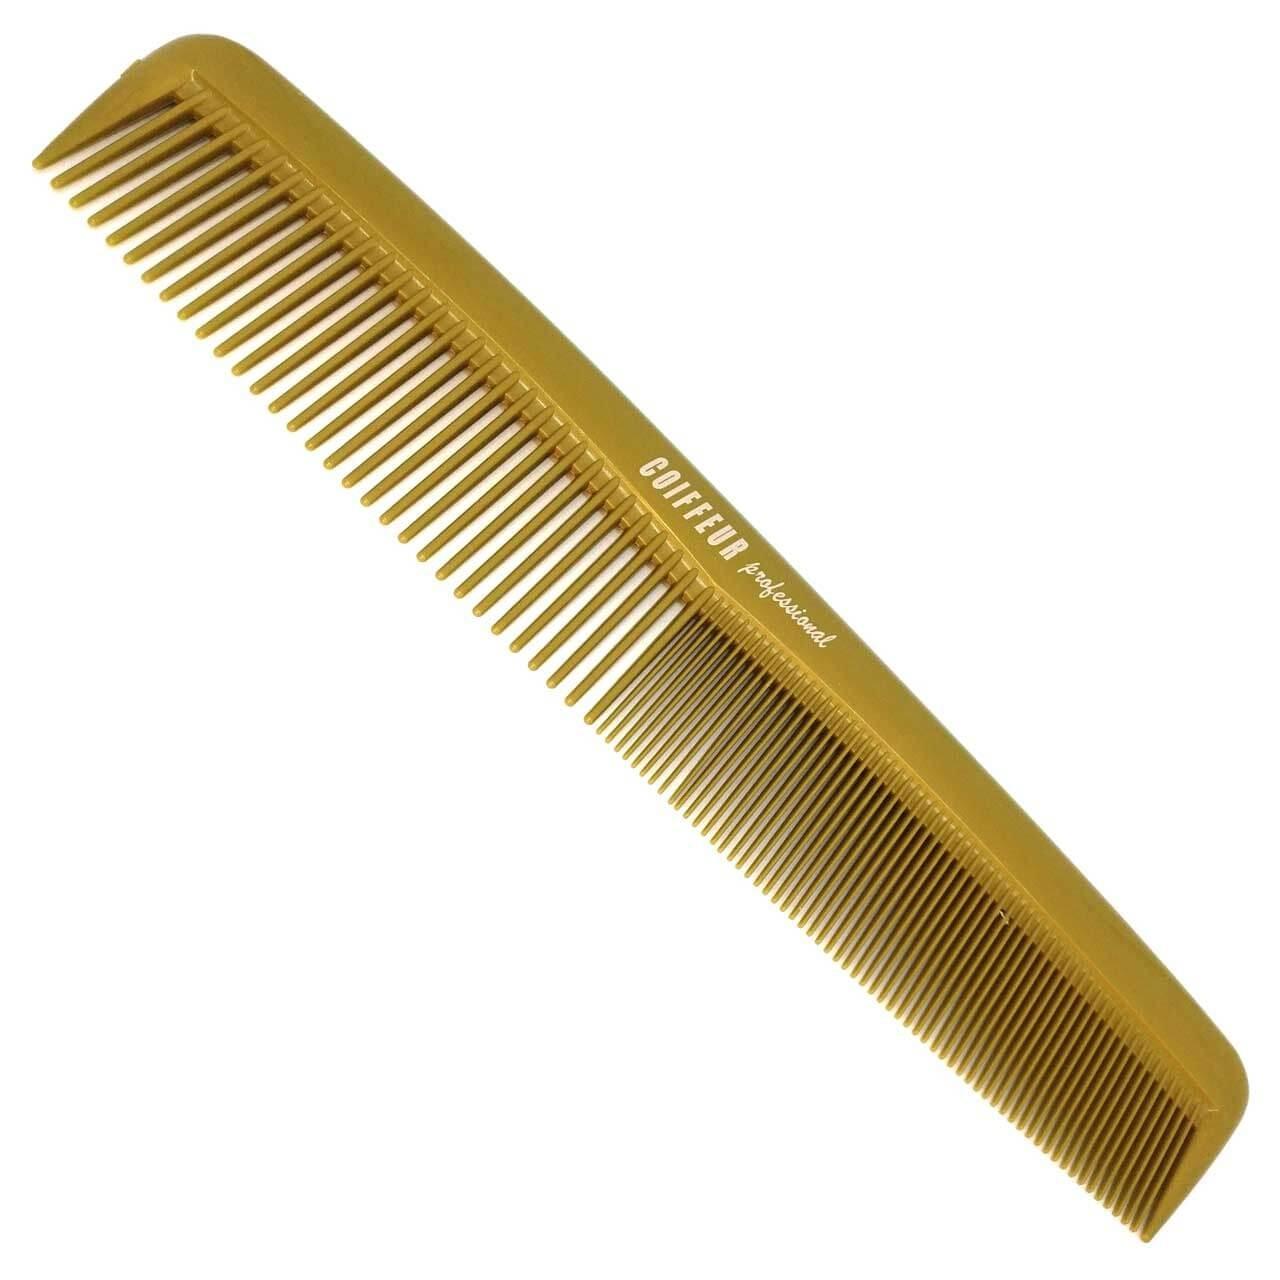 """Frisierkamm groß 9"""" Zoll (22,9 cm) hergestellt aus DELRIN - Farbe: GOLD"""